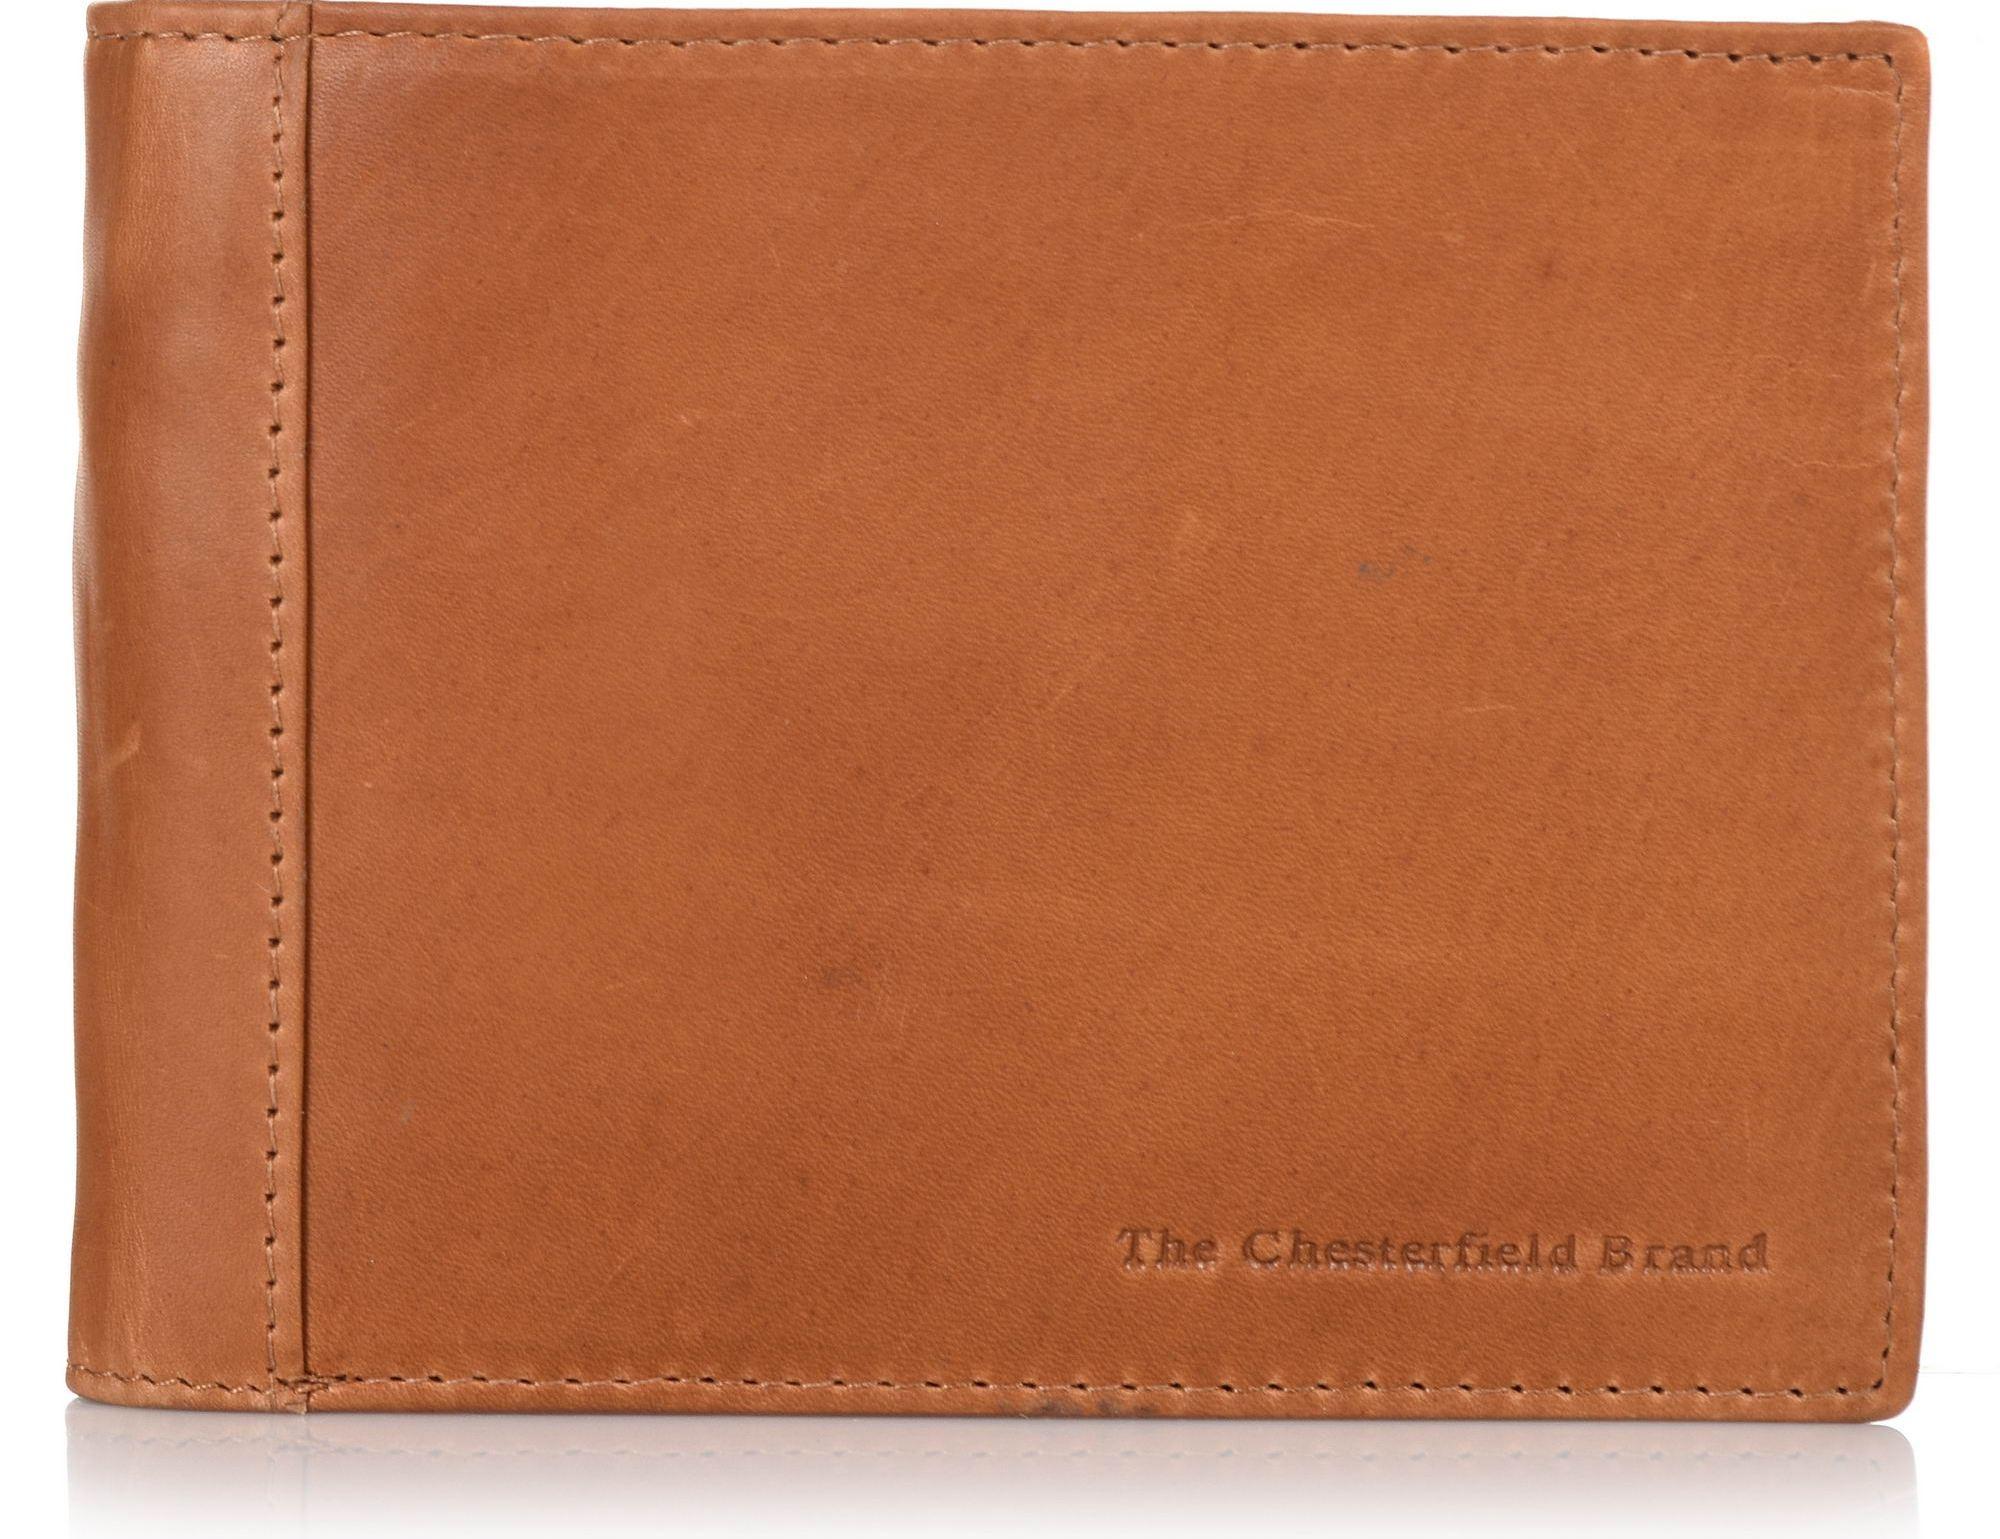 Δερμάτινο Πορτοφόλι The Chesterfield Brand C08.0201